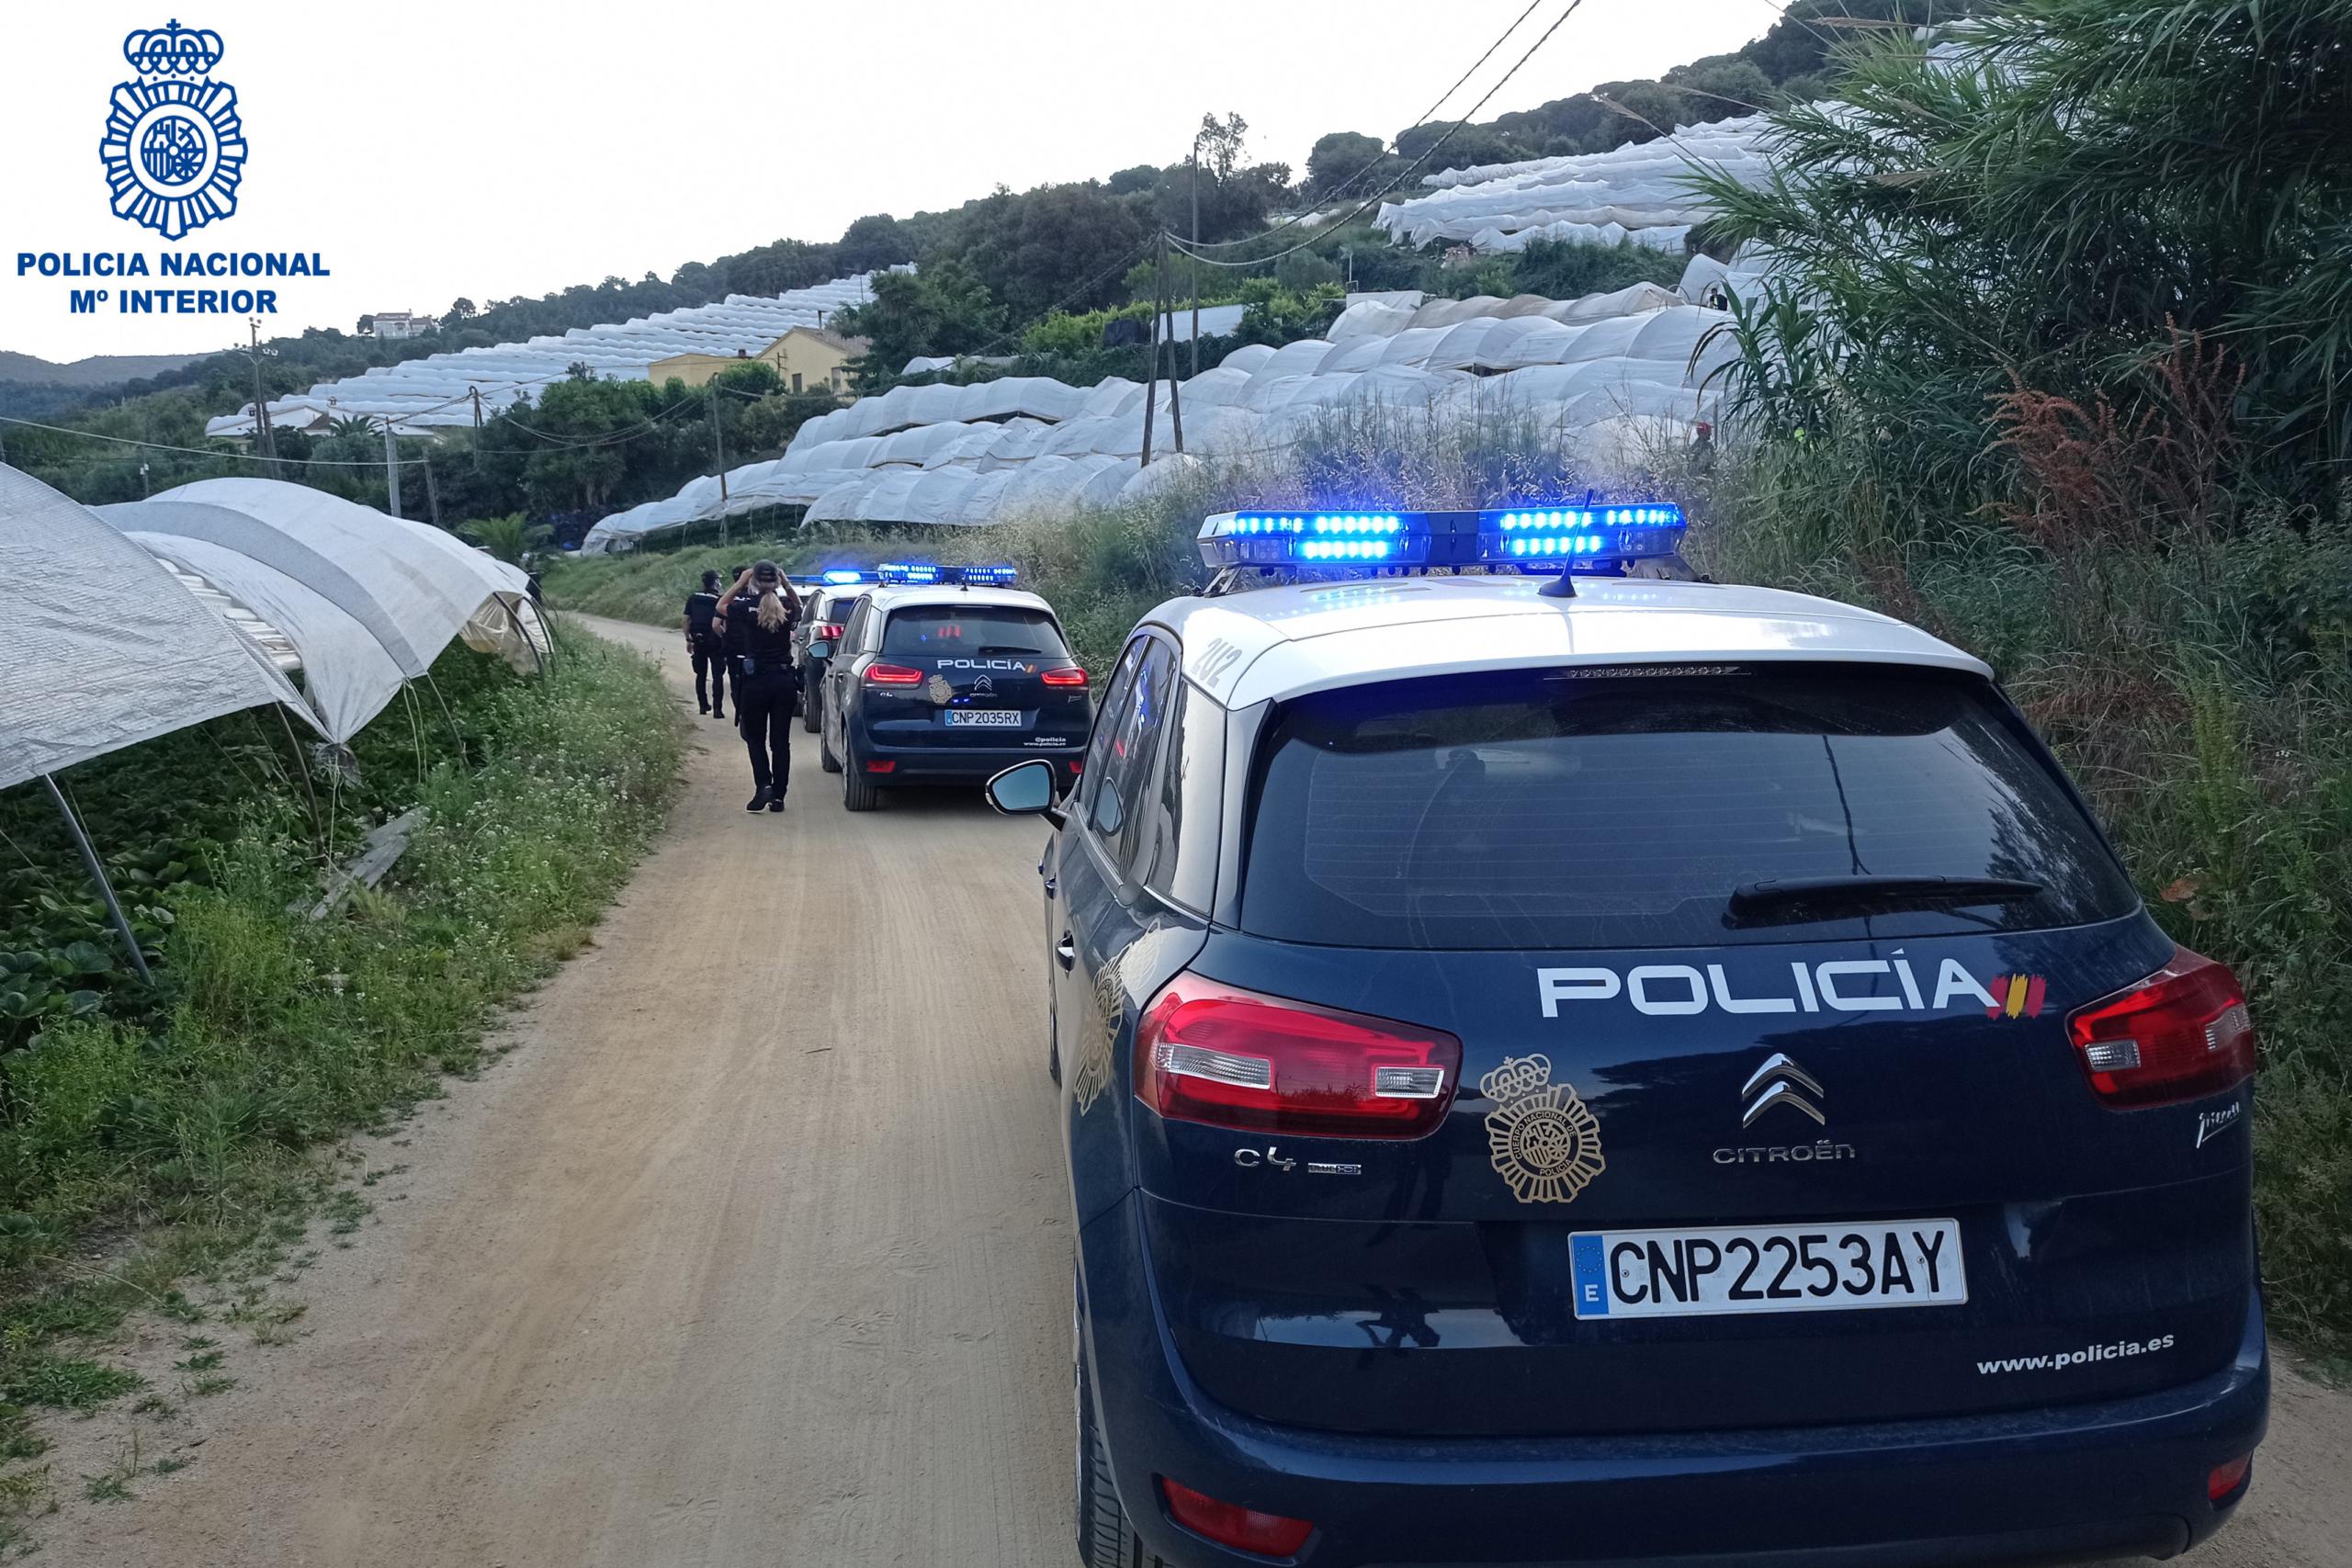 Diversos cotxes de la Policia Nacional durant un operatiu per desmantellar una trama de contractació fraudulenta / ACN